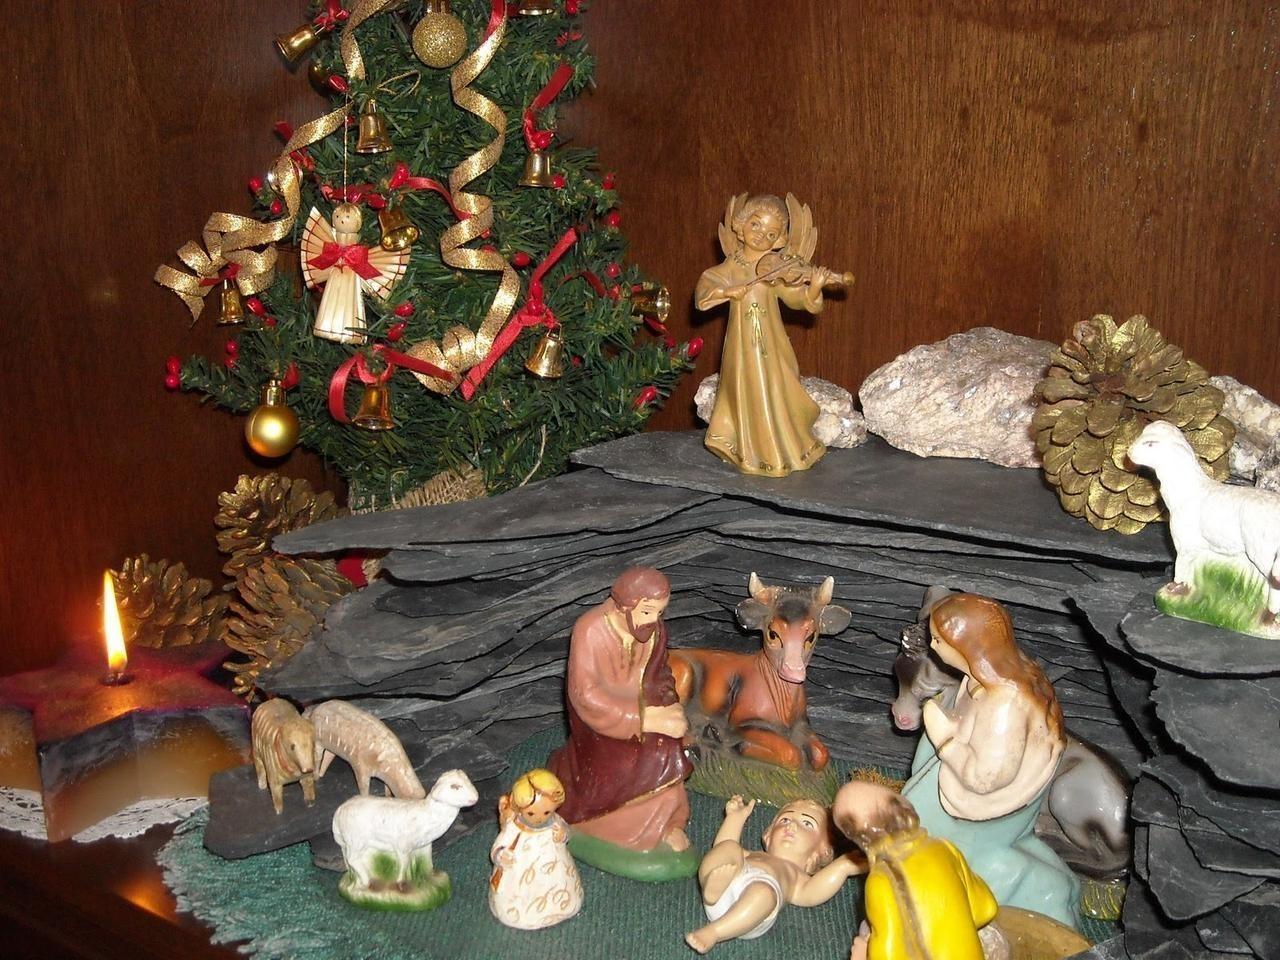 Árbol de Navidad o Belén?